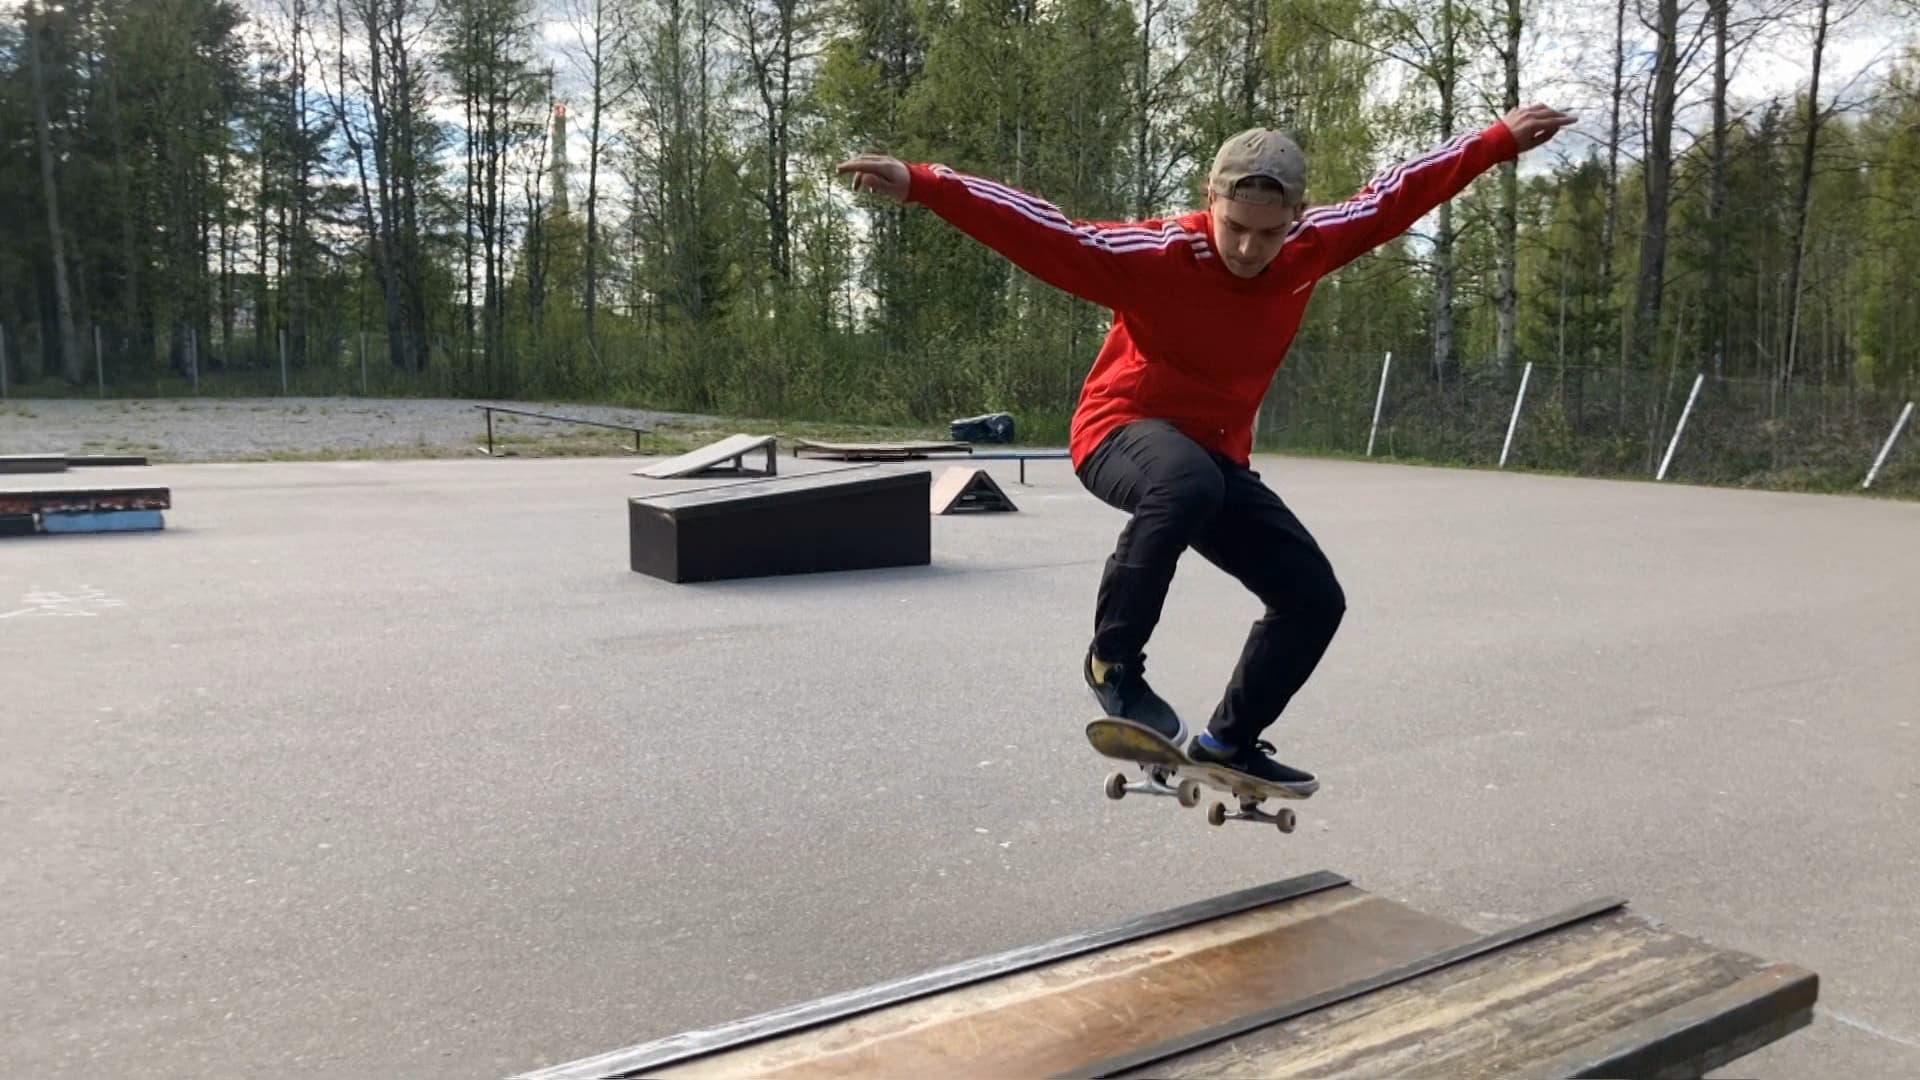 Rovaniemen skeittareilta vietiin harjoittelupaikka – kaupunki on luvannut uuden paikan Antinpuiston tilalle